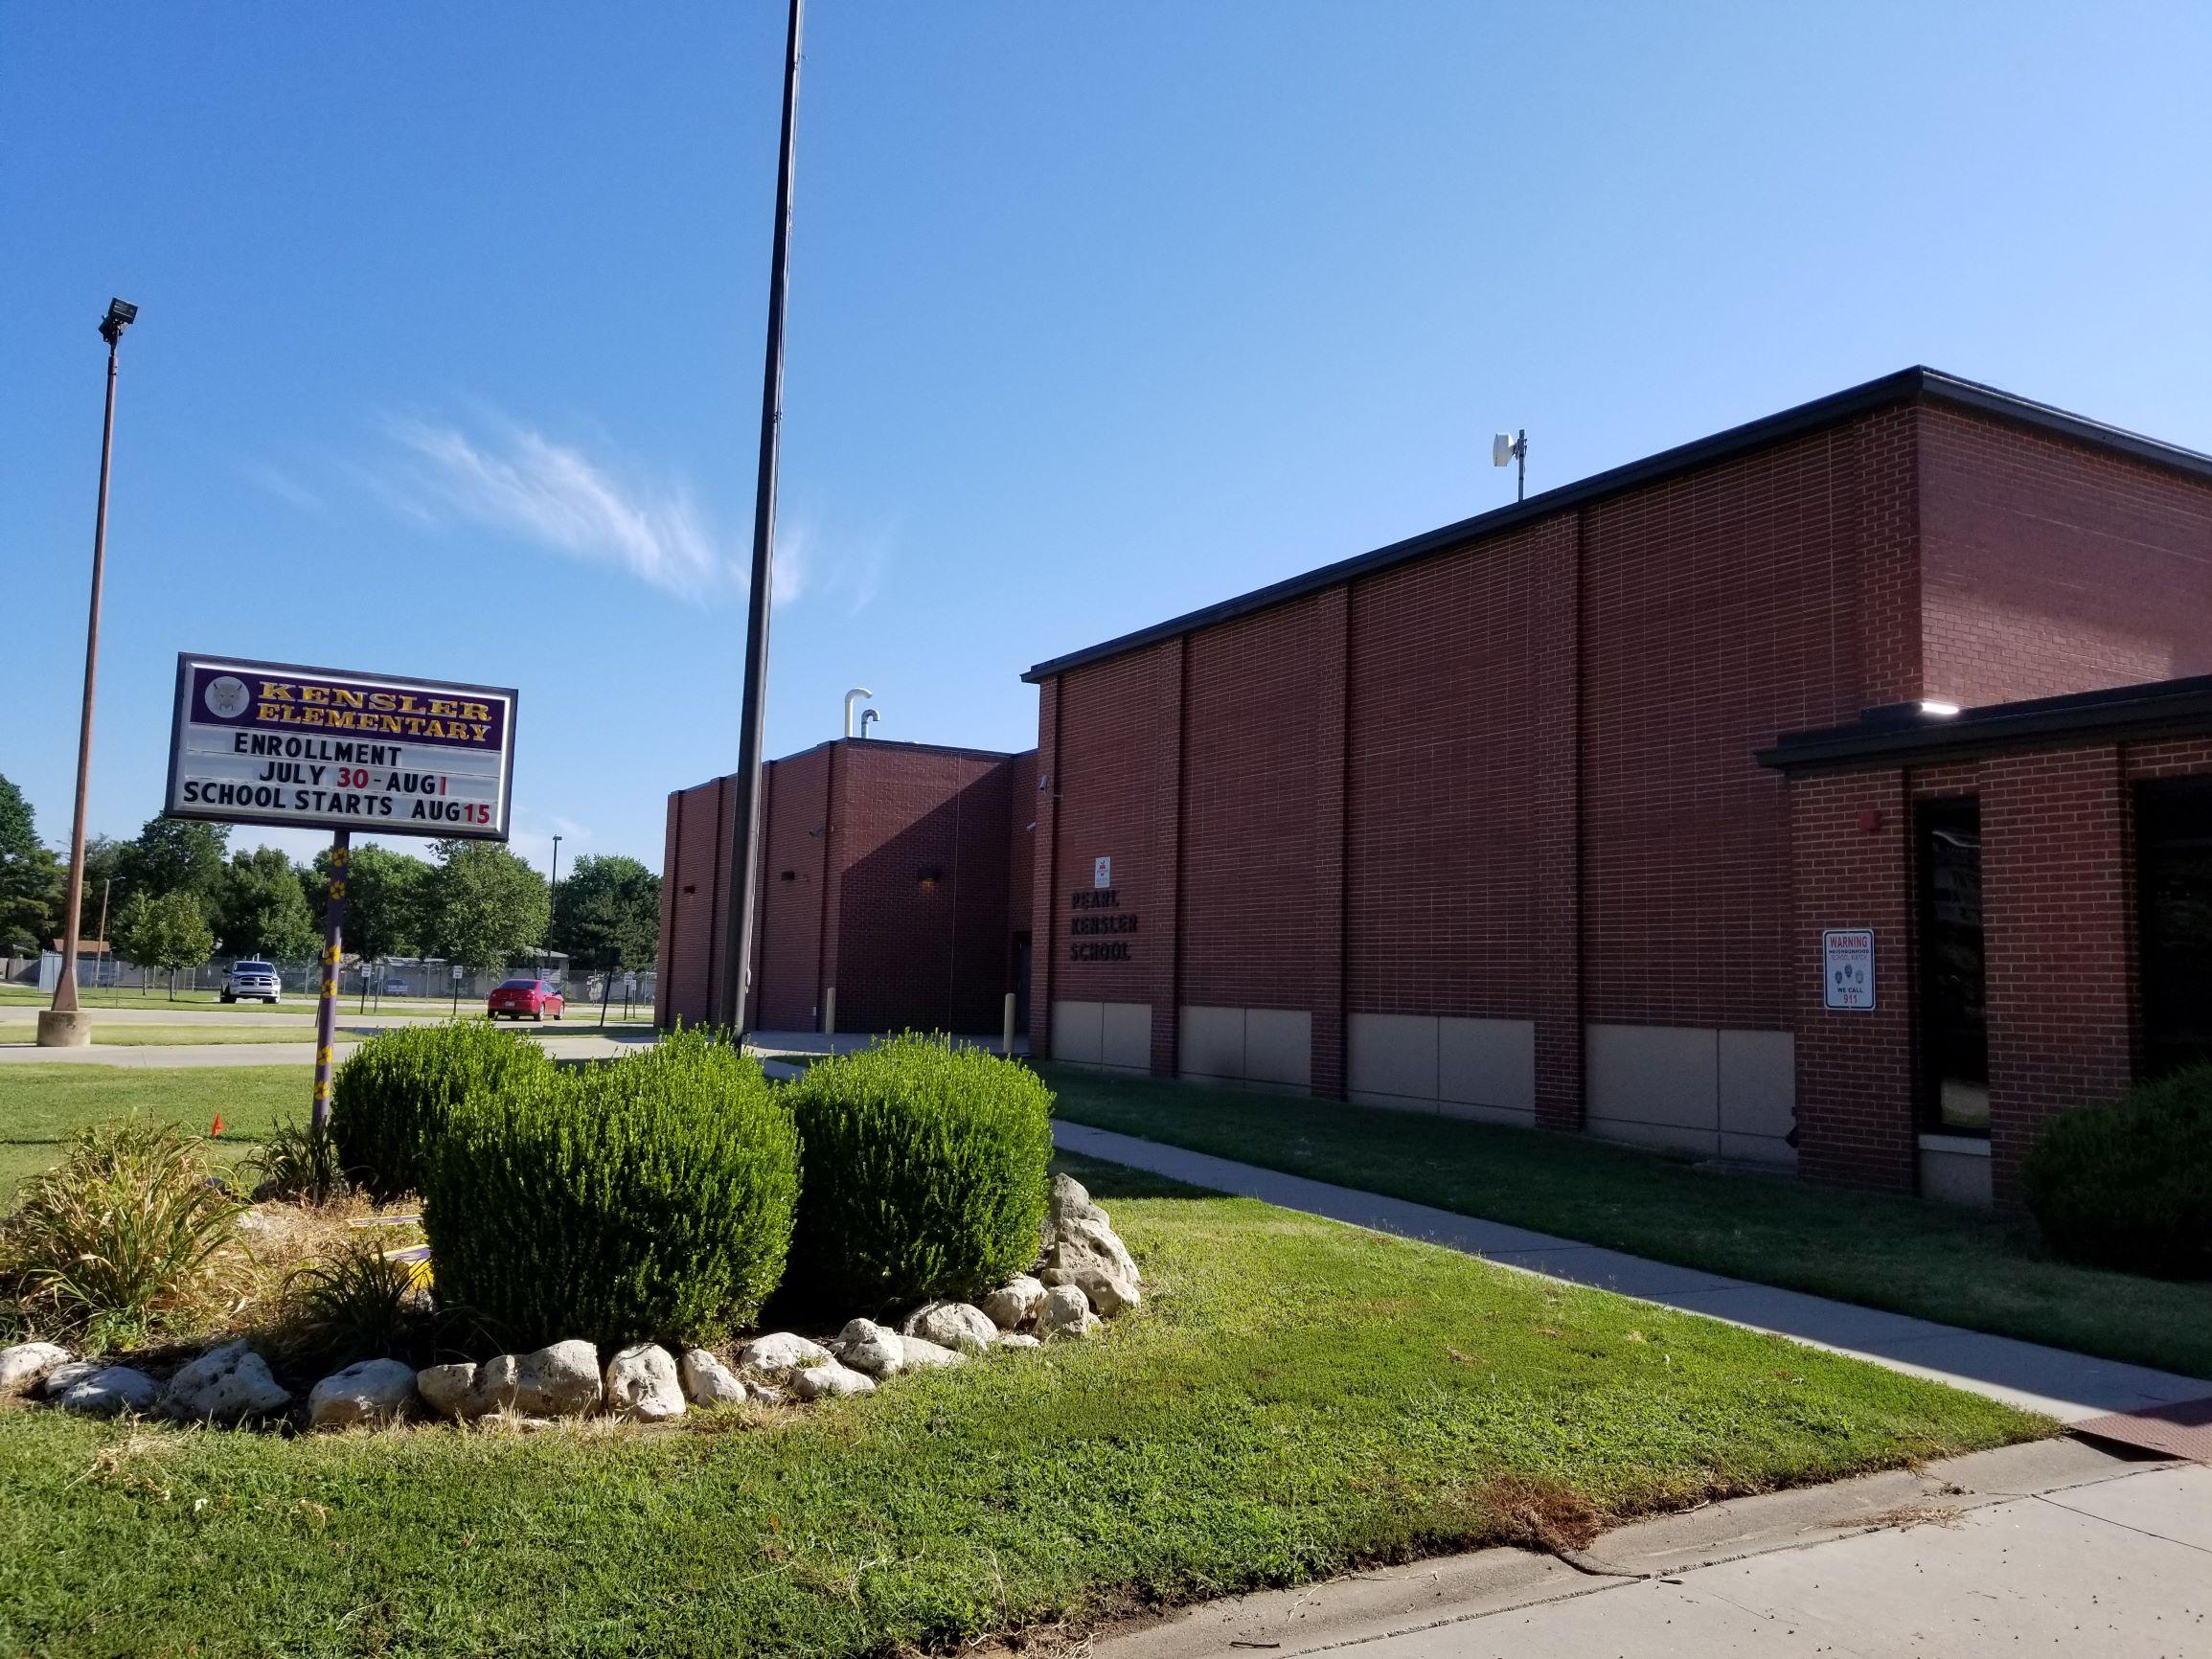 Kensler Elementary / Homepage